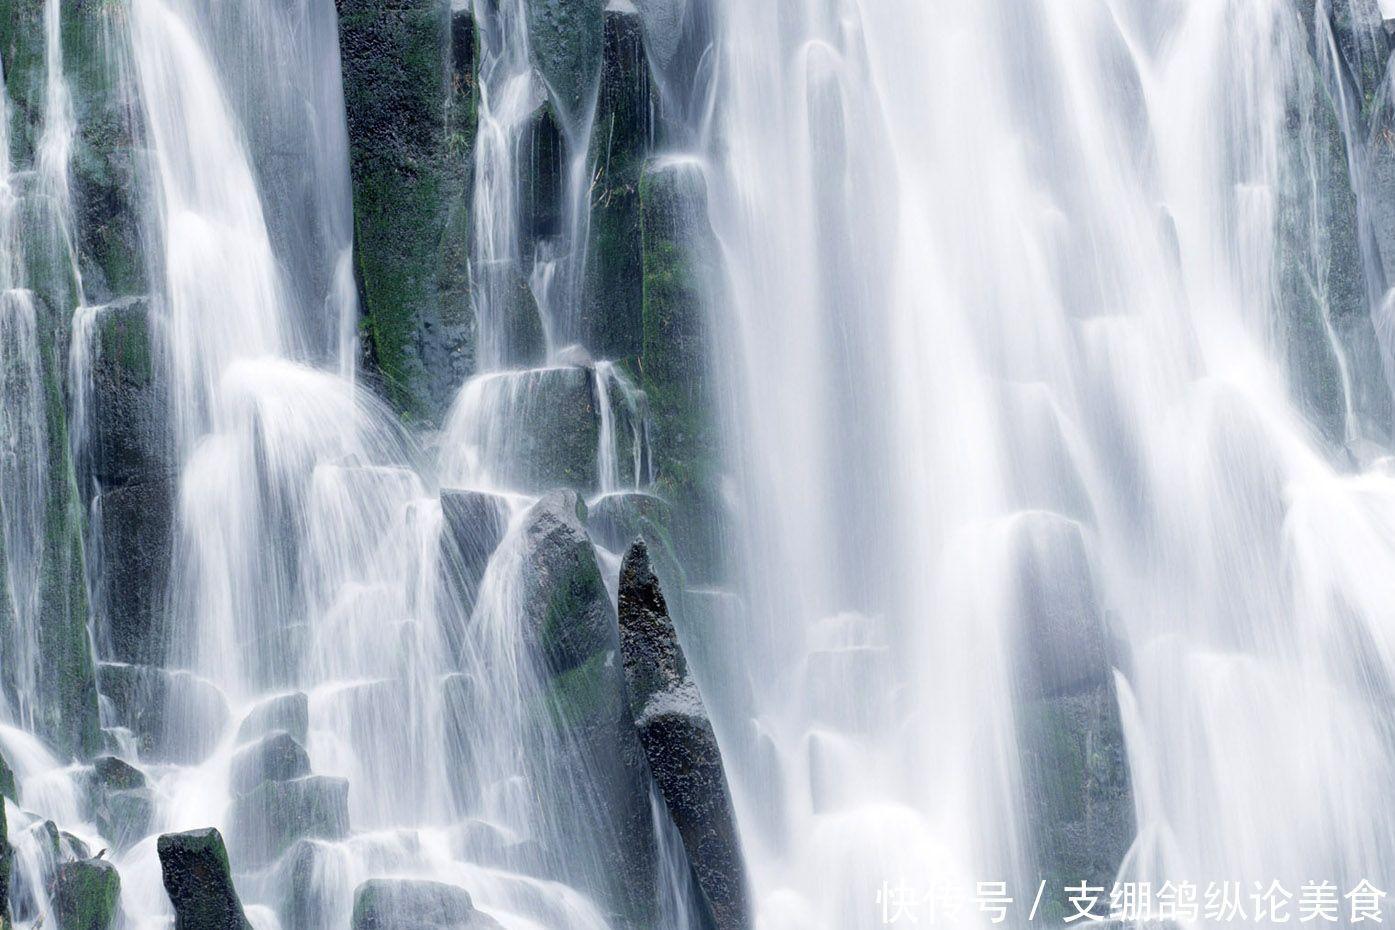 壁纸 风景 旅游 瀑布 山水 桌面 1395_930